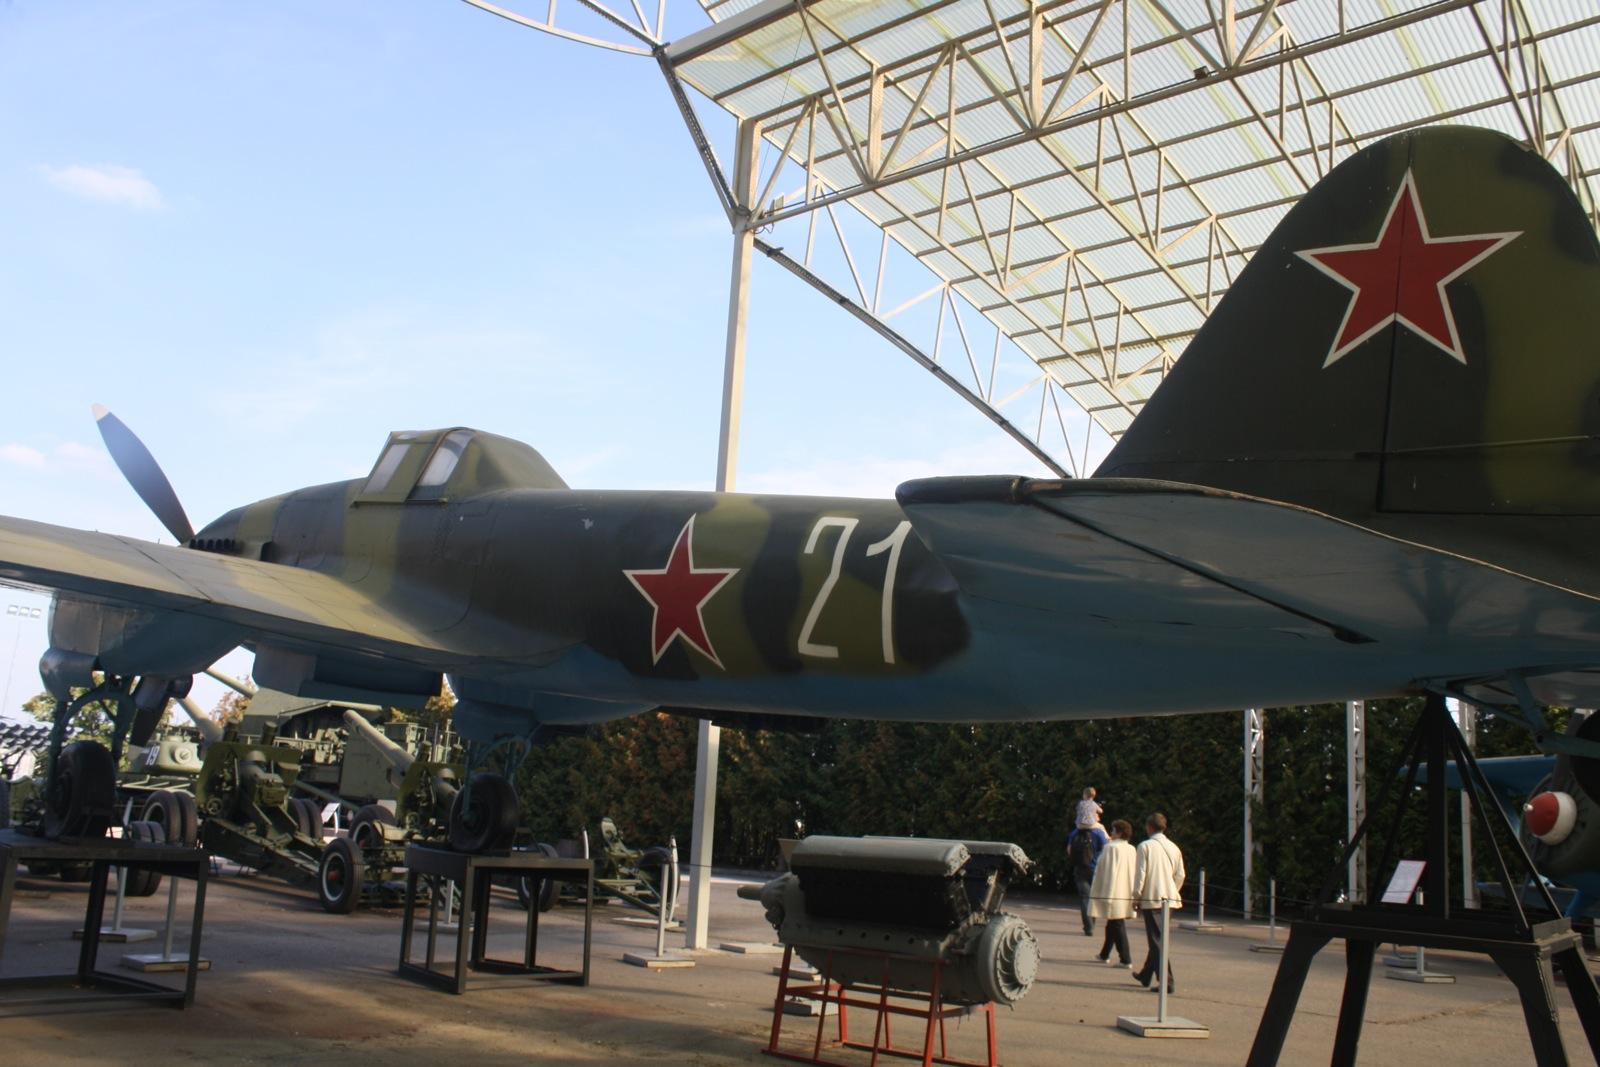 У одељењу за ваздухопловство представљена је збирка совјетских и америчких авиона.